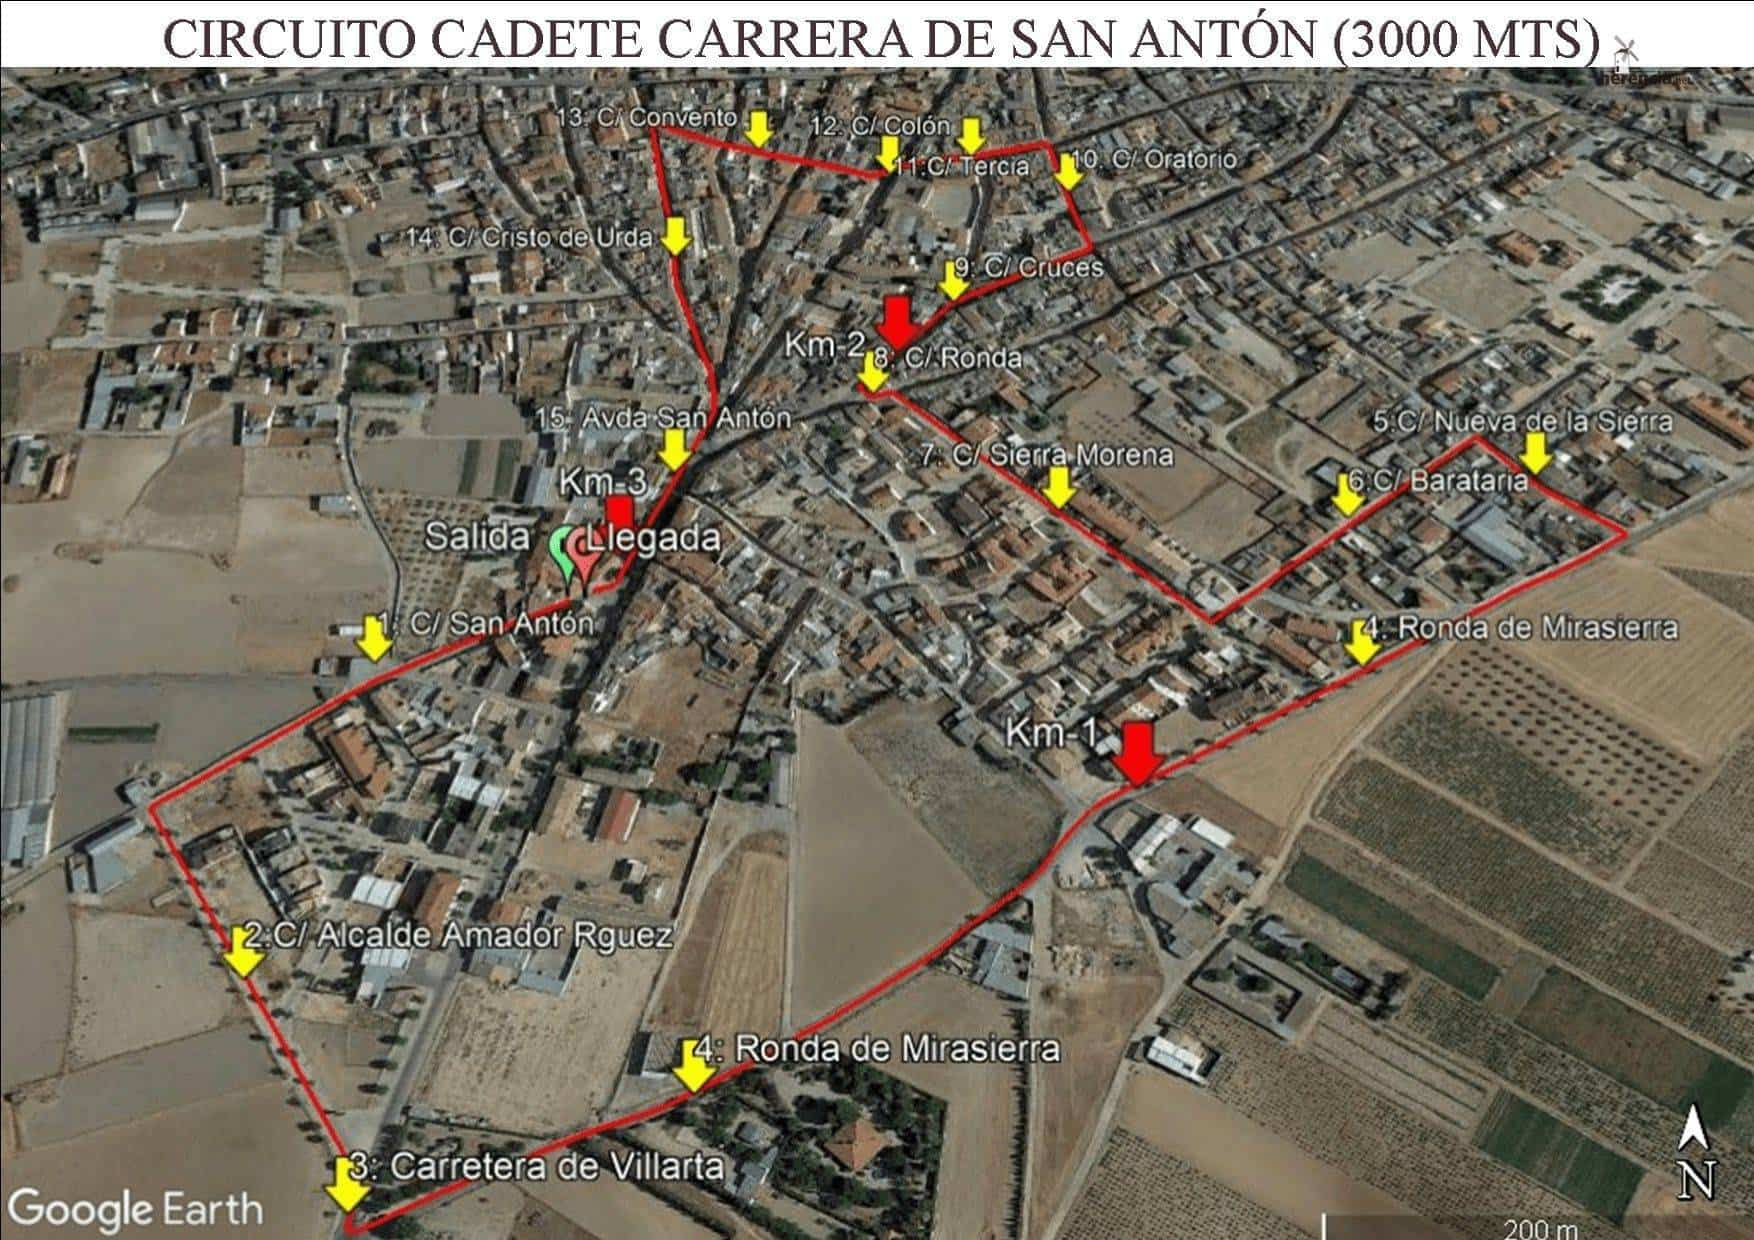 XVIII Carrera popular de San Antón contra el cáncer 40